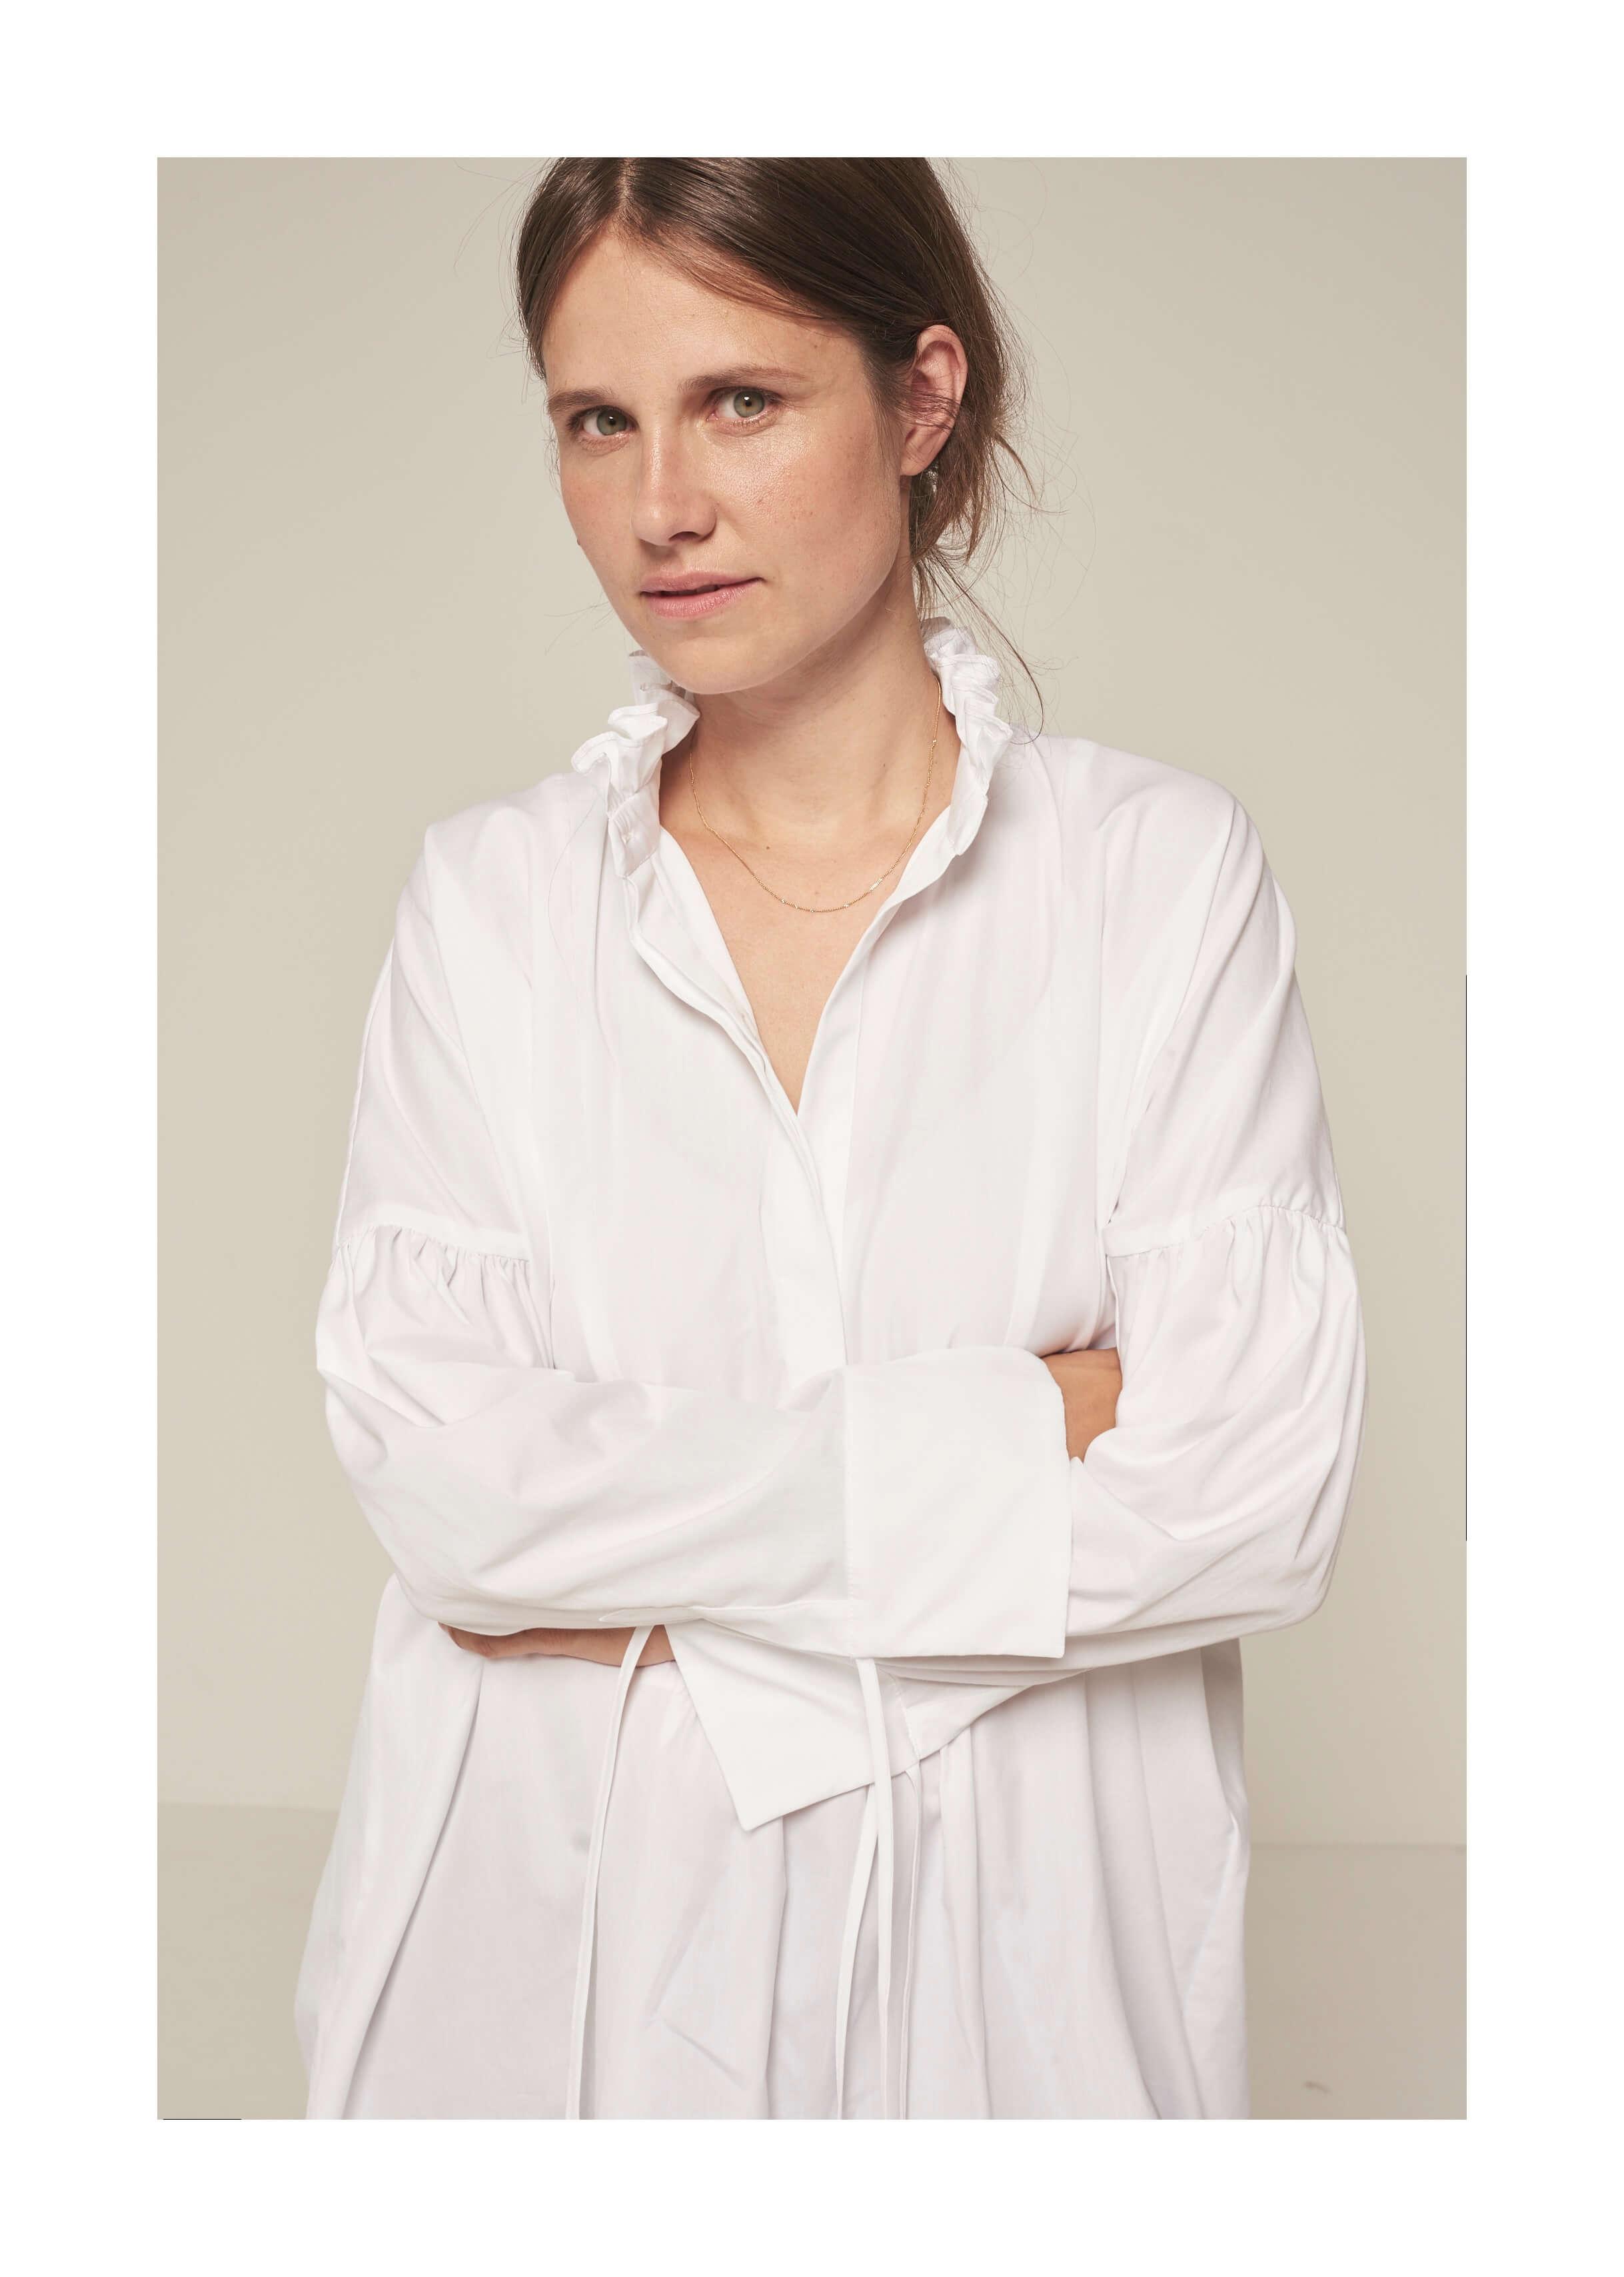 Danish womenswear designer Cecilie Bahnsen